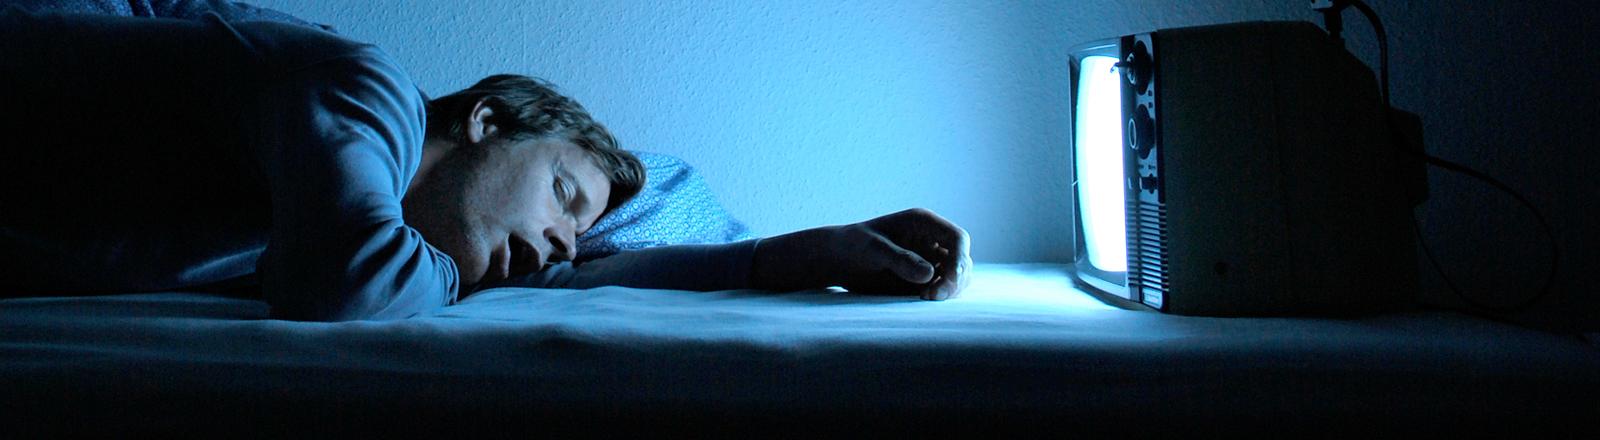 Mann schläft vor dem Fernseher